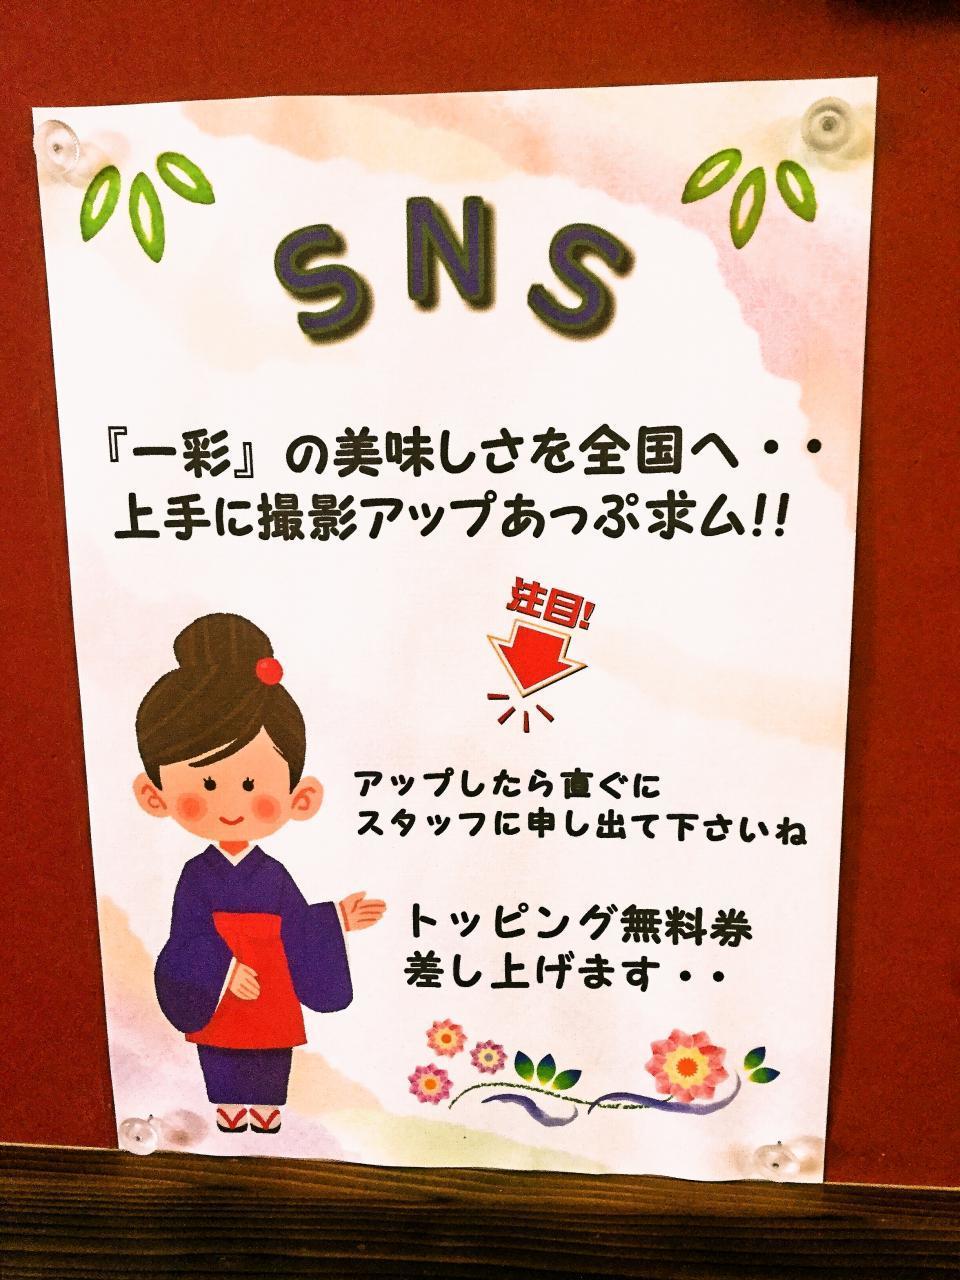 武蔵野うどん 一彩 本店(壁)